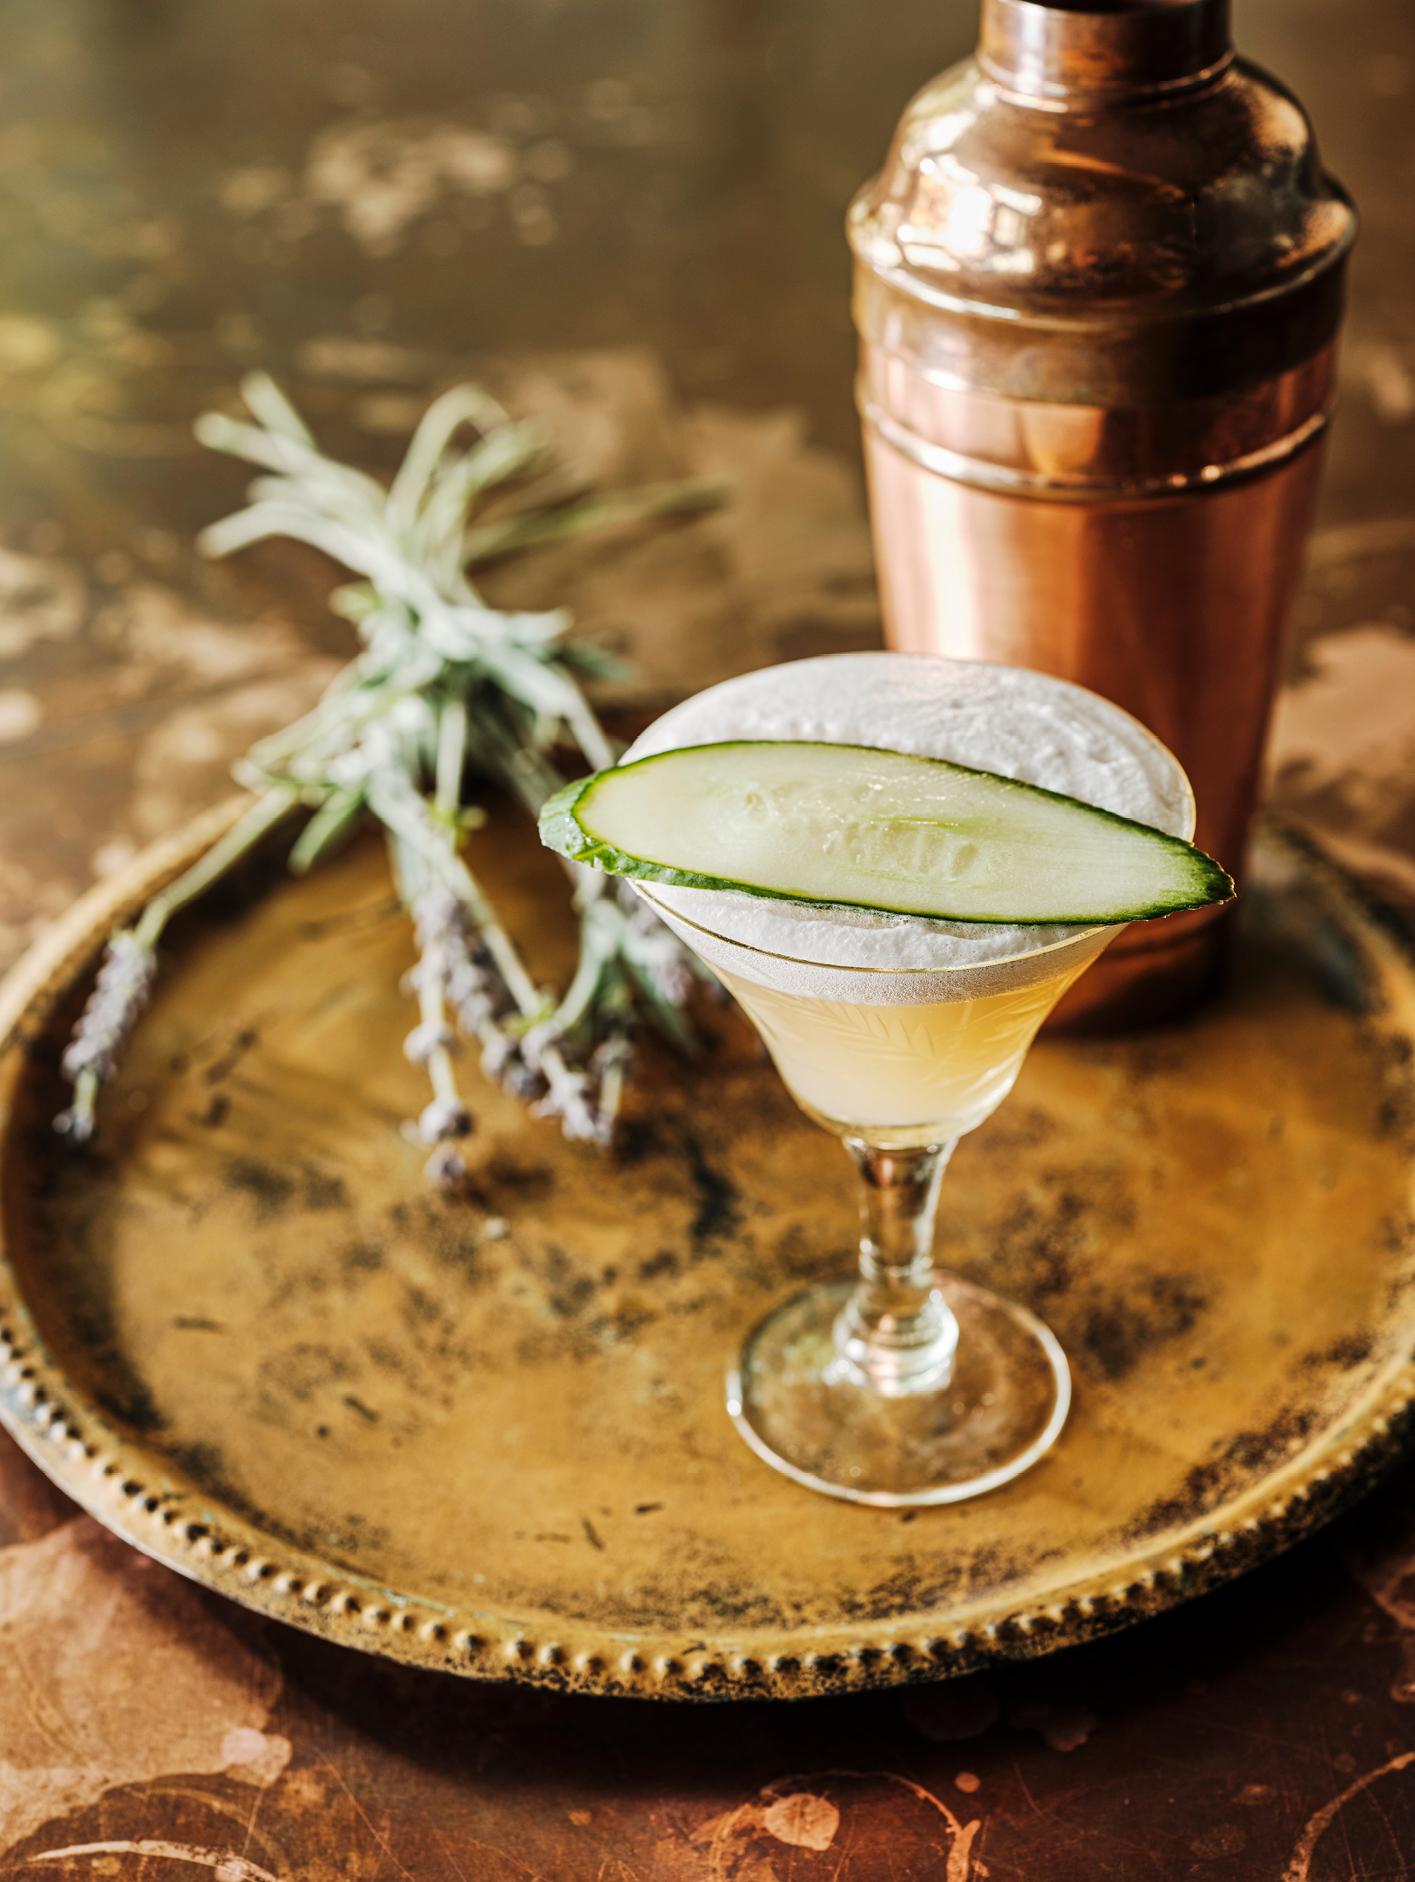 The Alchemist Garden Martini